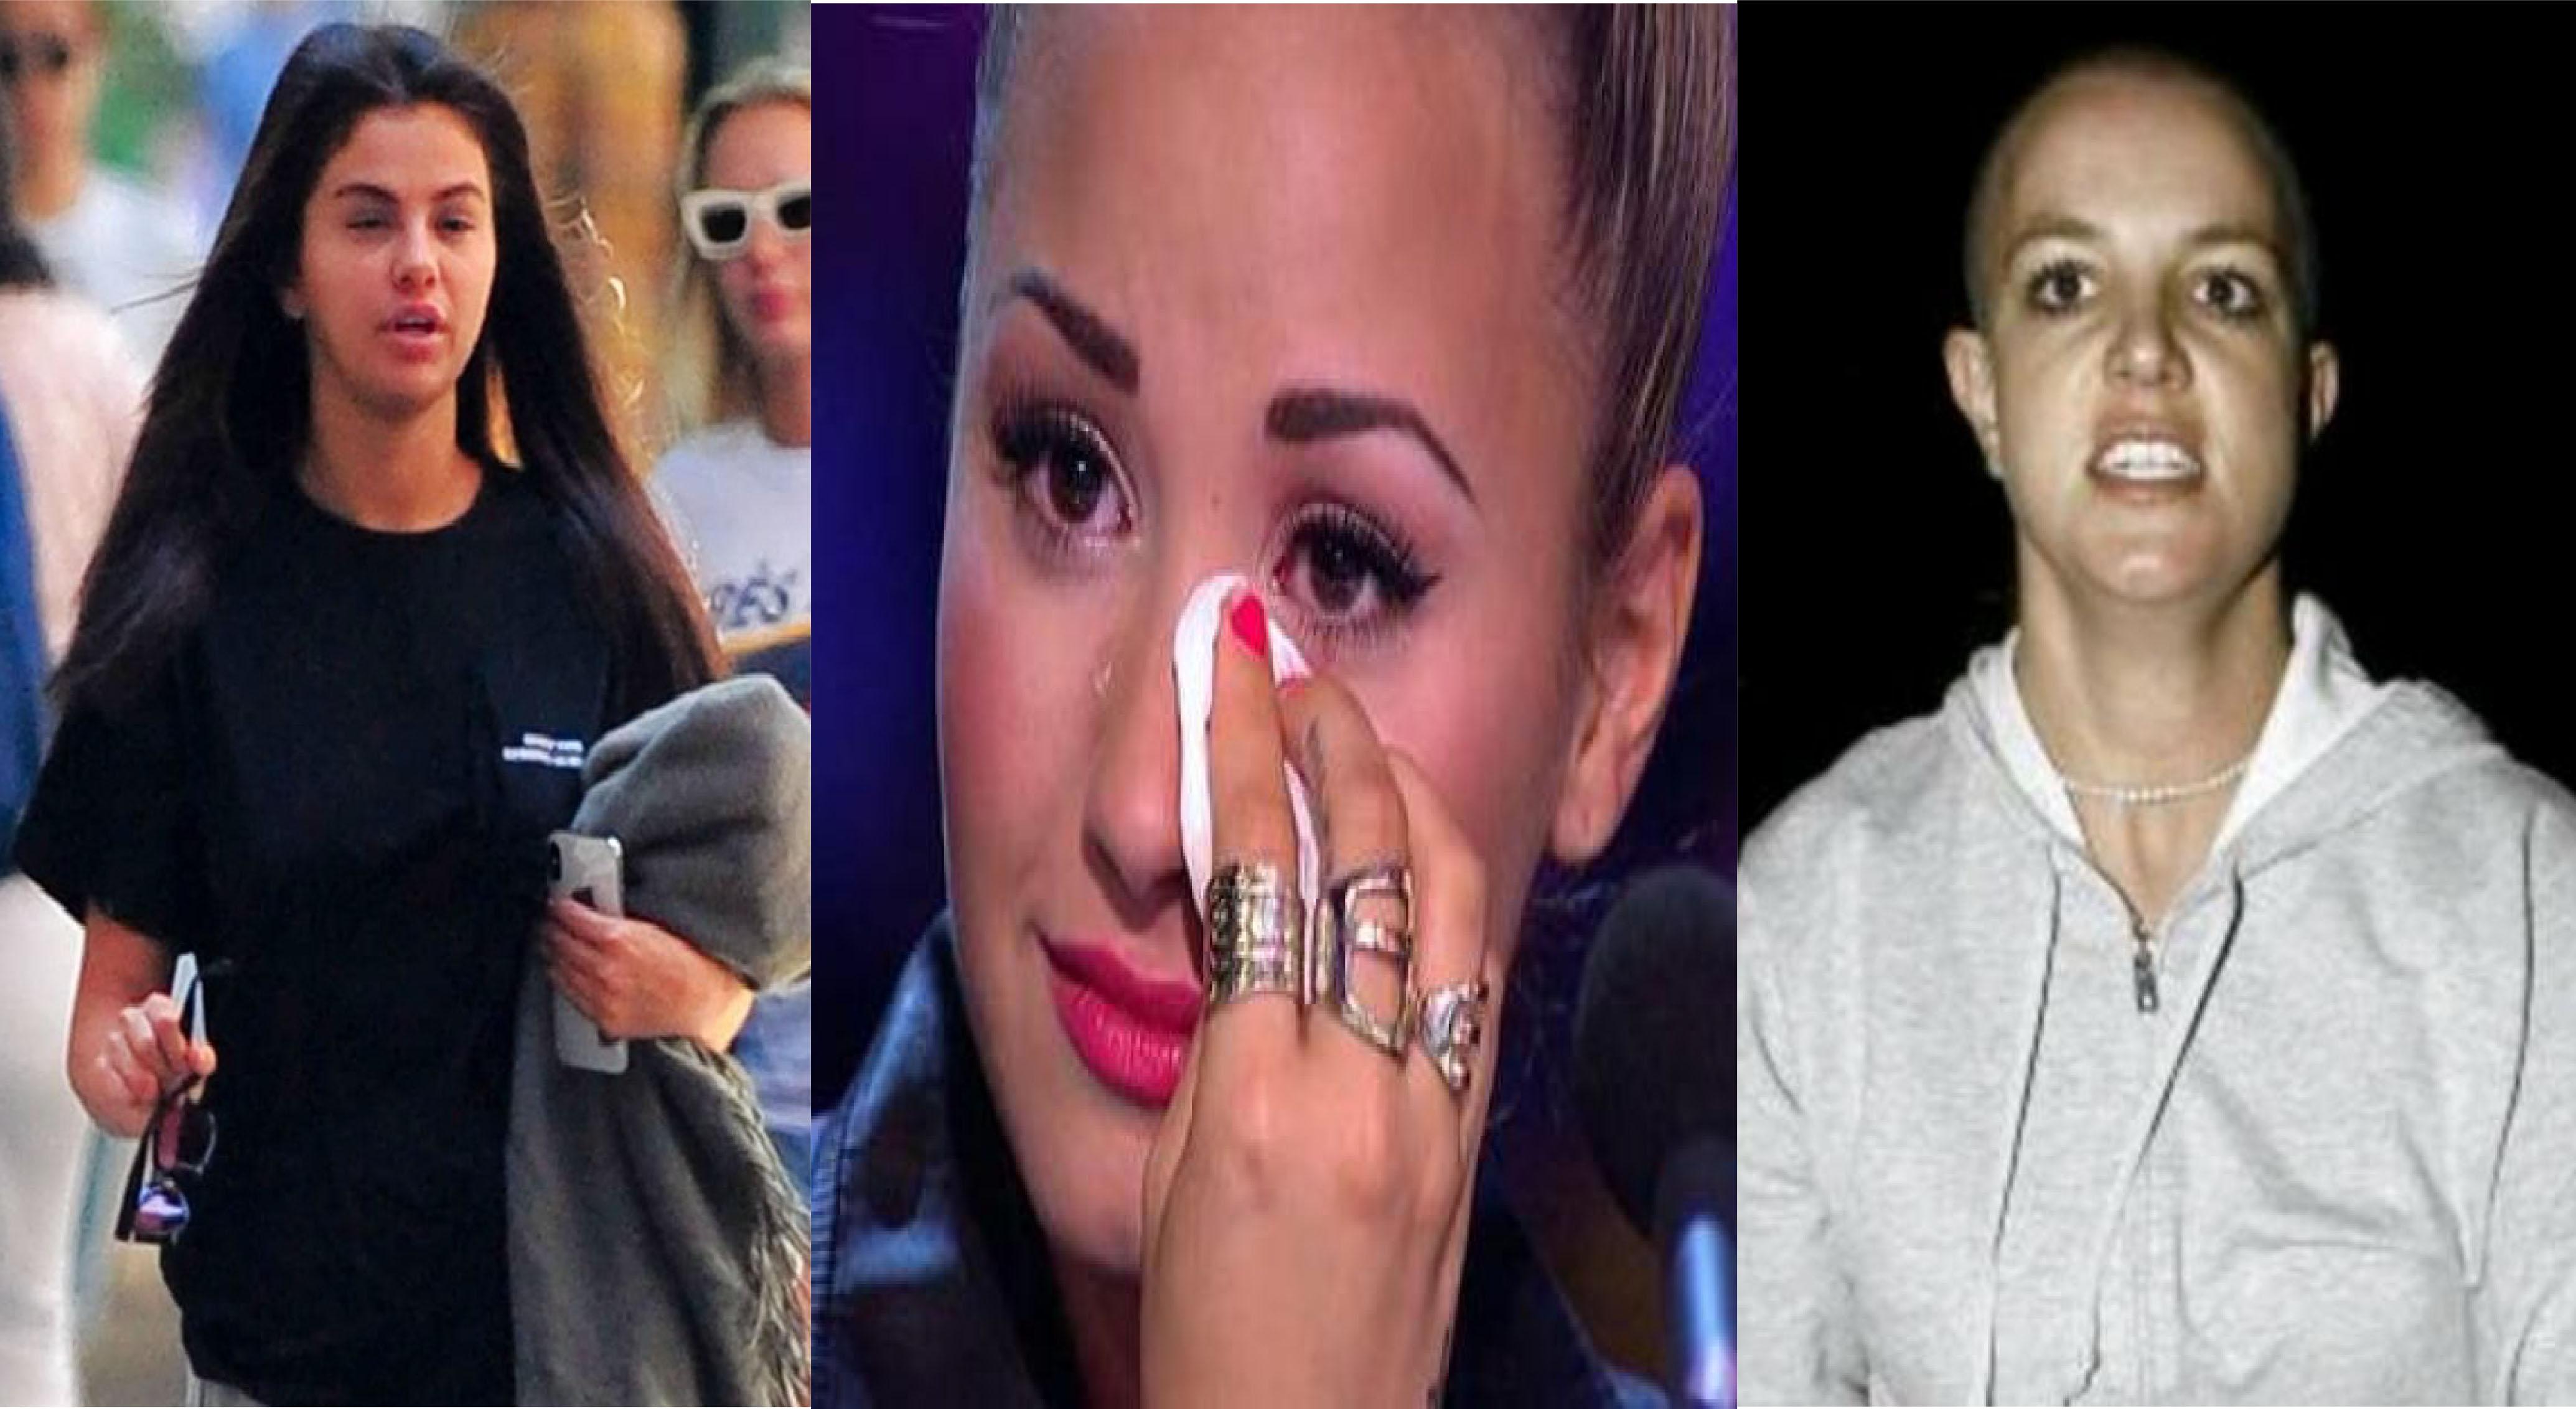 Conoce a 7 famosas que <i>destrozan</i> su vida y van al psiquiátrico (FOTOS)